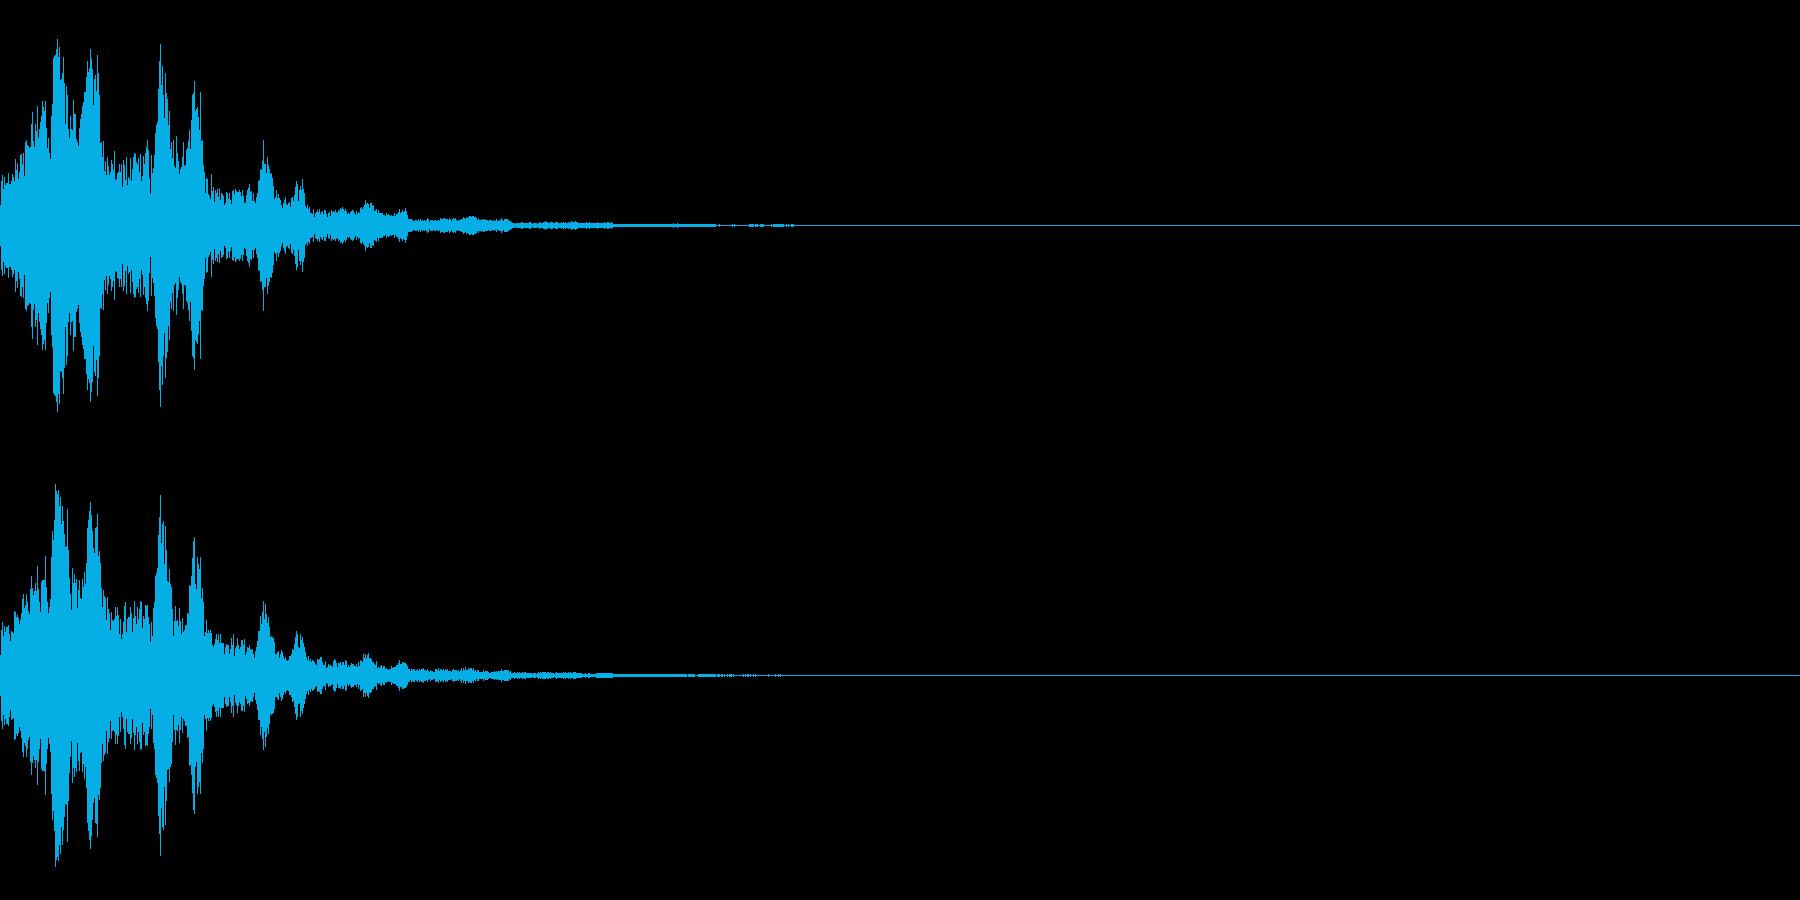 システム起動音_その11の再生済みの波形